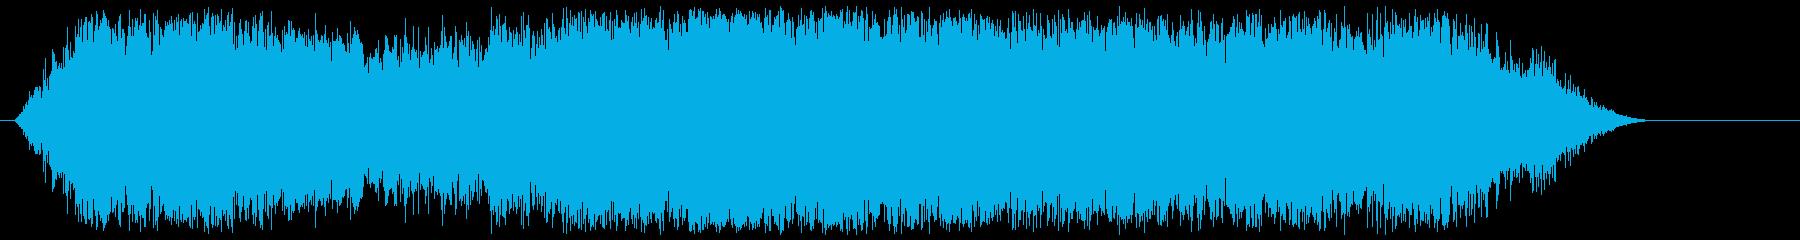 セビリアの噴水の再生済みの波形